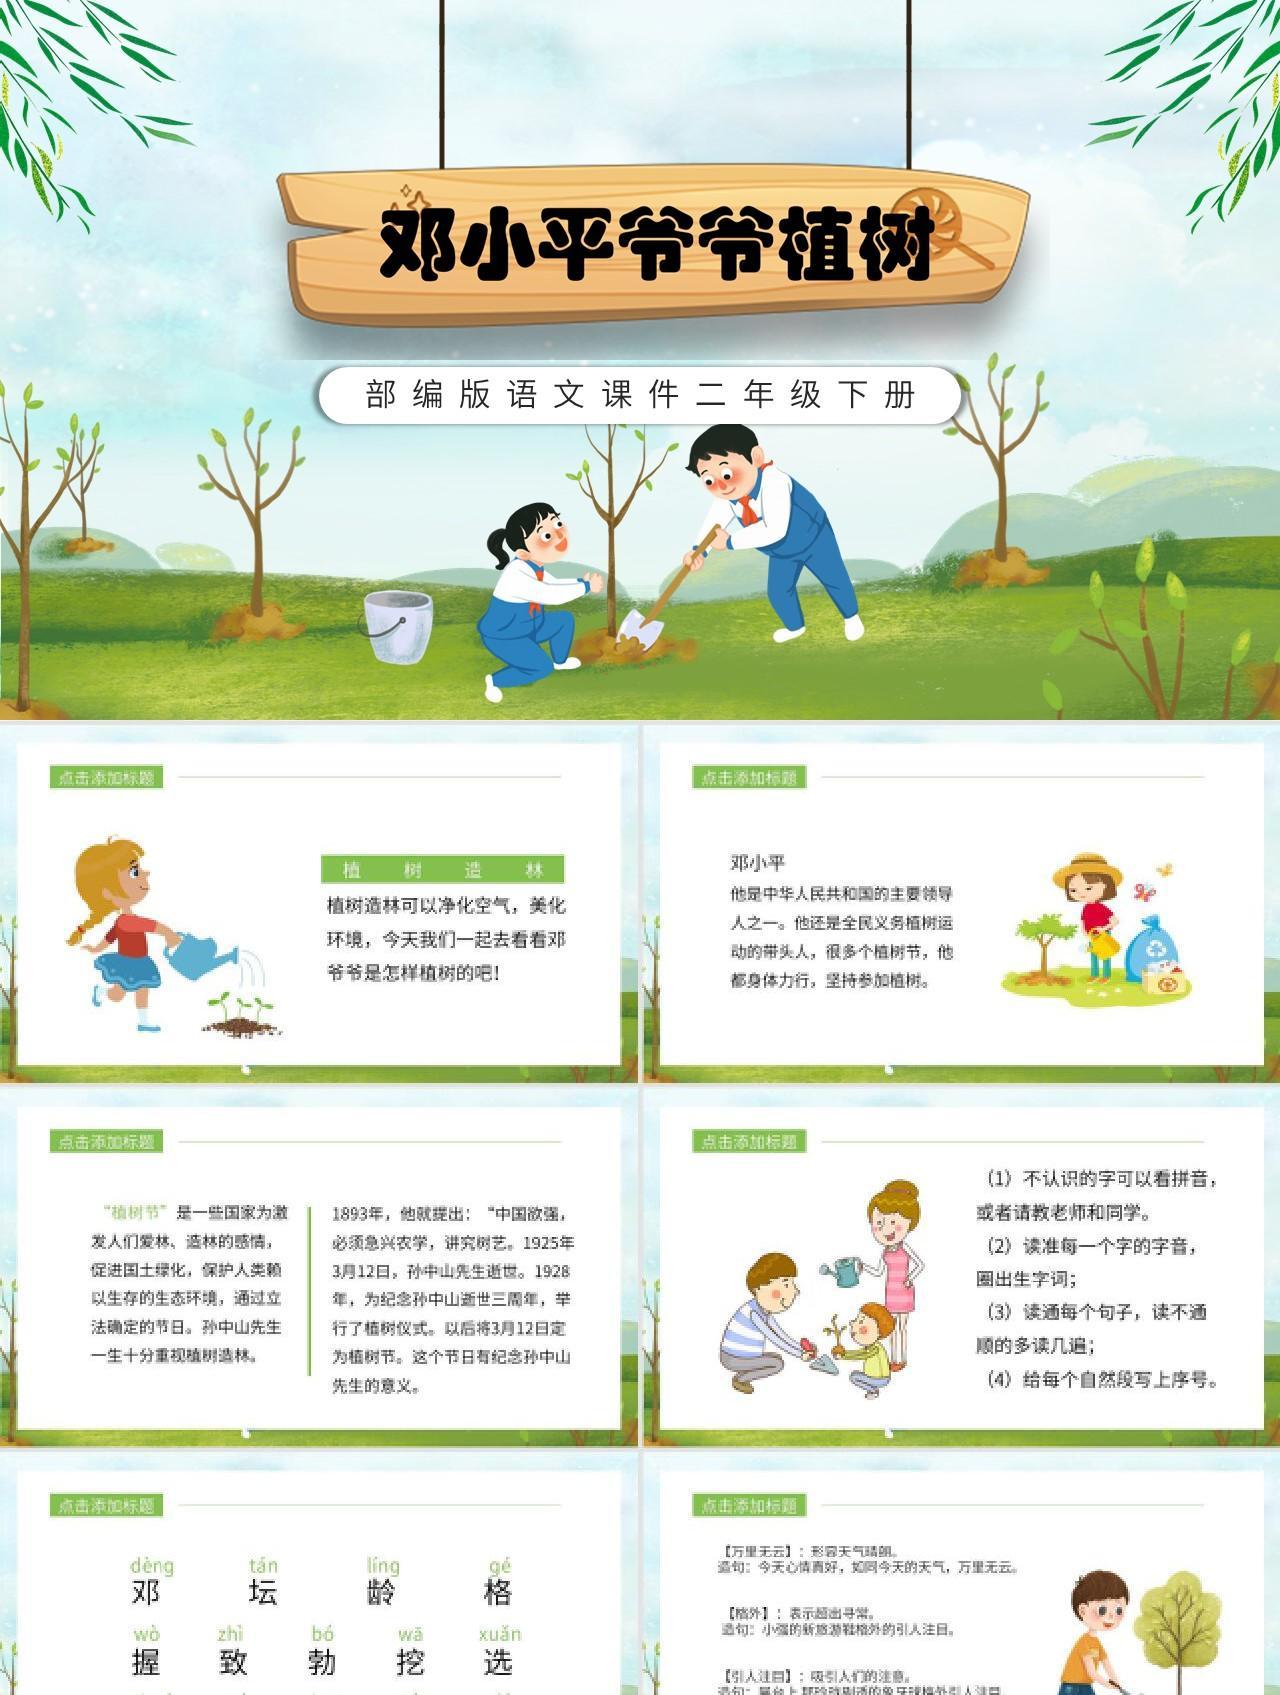 绿色卡通风邓小平爷爷植树二年级语文下册课件PPT模板